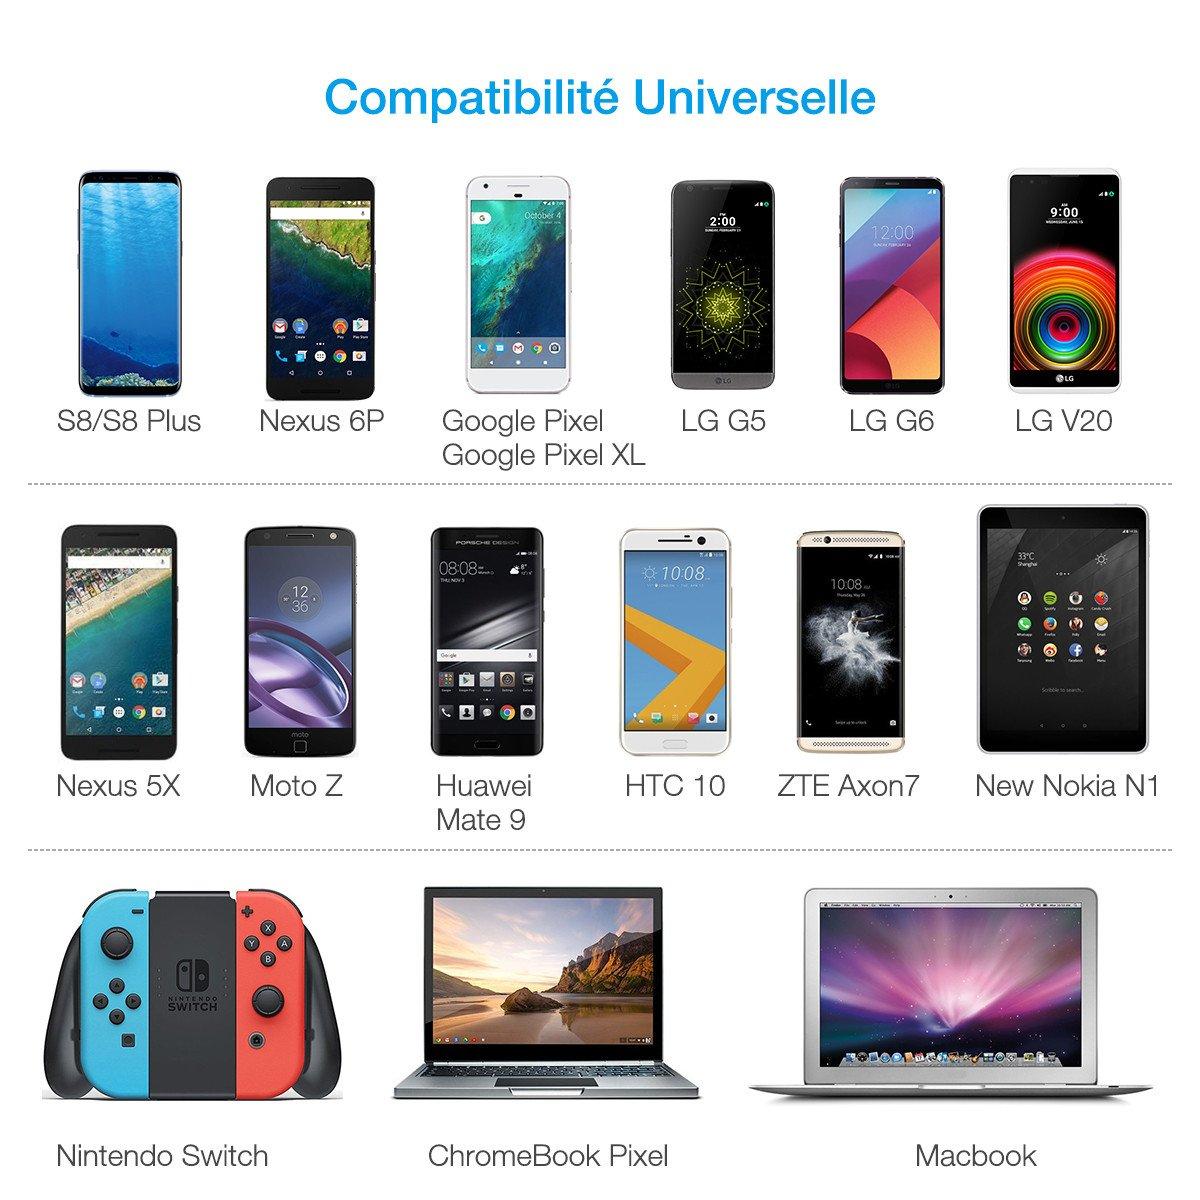 Poweradd Câble de Chargeur de Type-C [ Lot de 3] Câble USB Type C à USB, Cordon de Charge Rapide et de Synchronisation en Nylon Tressé pour S8/S8 plus, Nexus 6P,Macbook et d\'autres Appareils